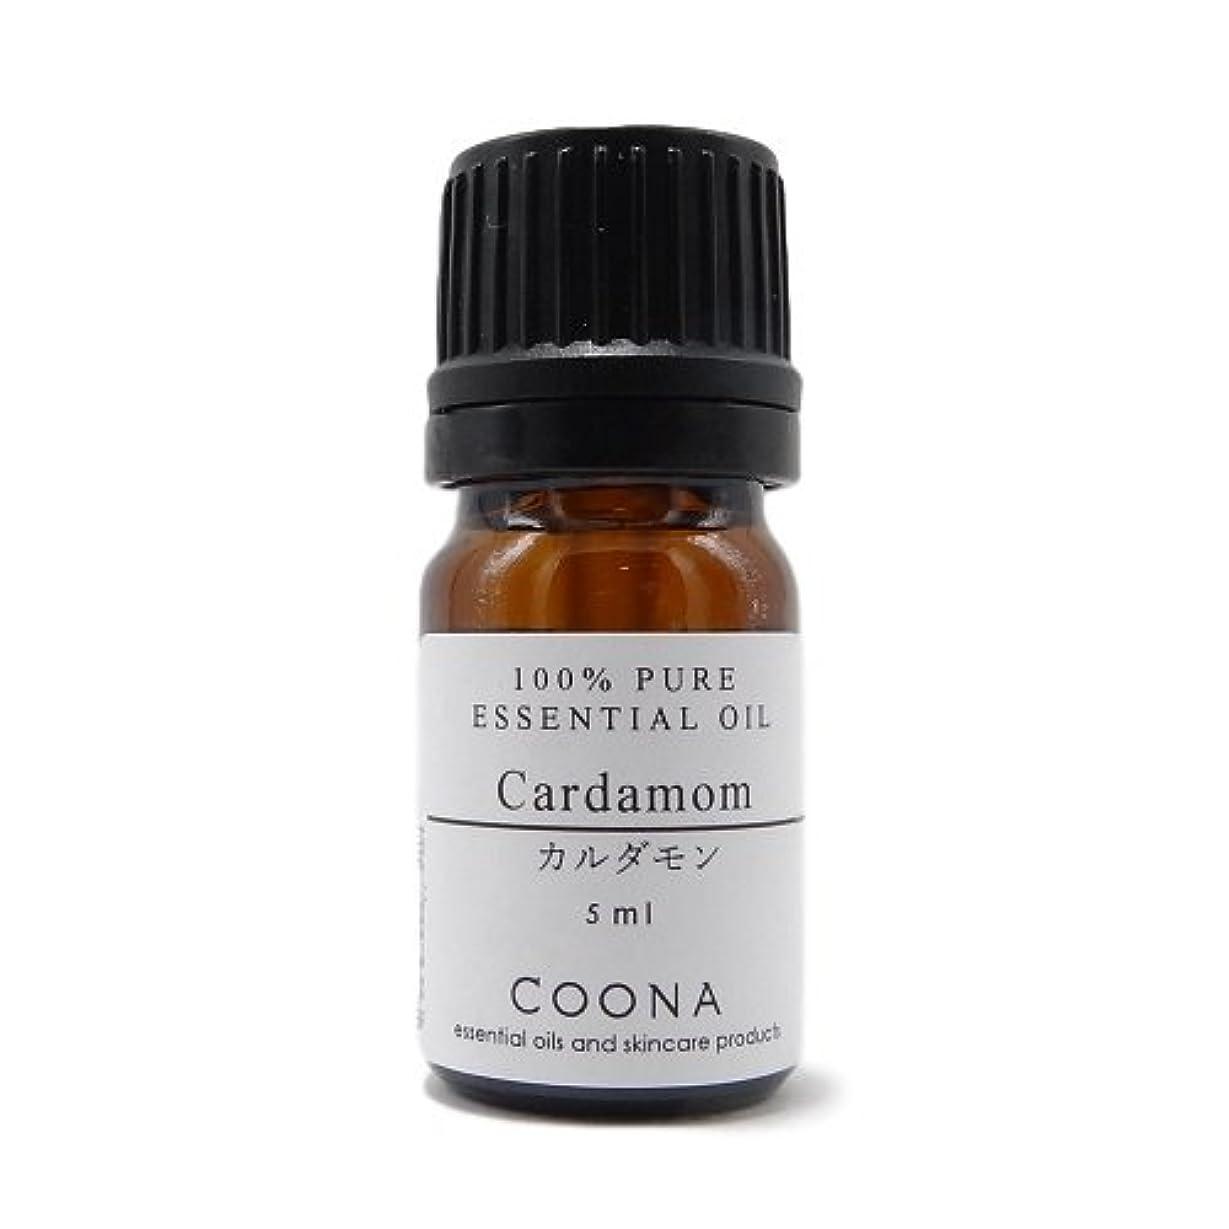 命令上に幸運カルダモン 5 ml (COONA エッセンシャルオイル アロマオイル 100%天然植物精油)